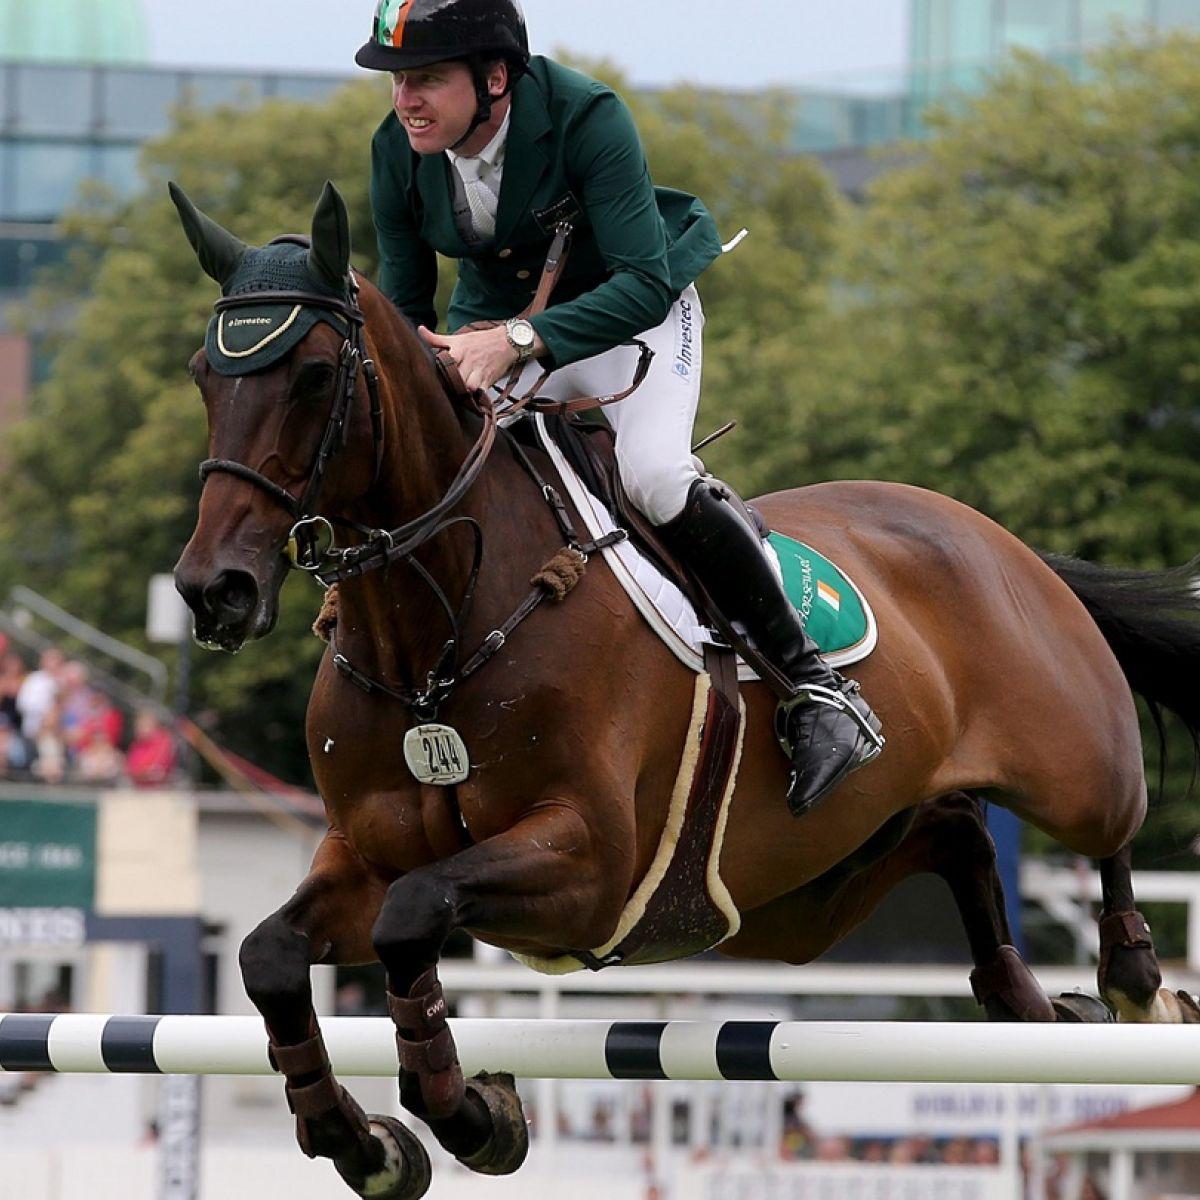 Greek shipping heiress Athina Onassis buys Irish horse for €12 million